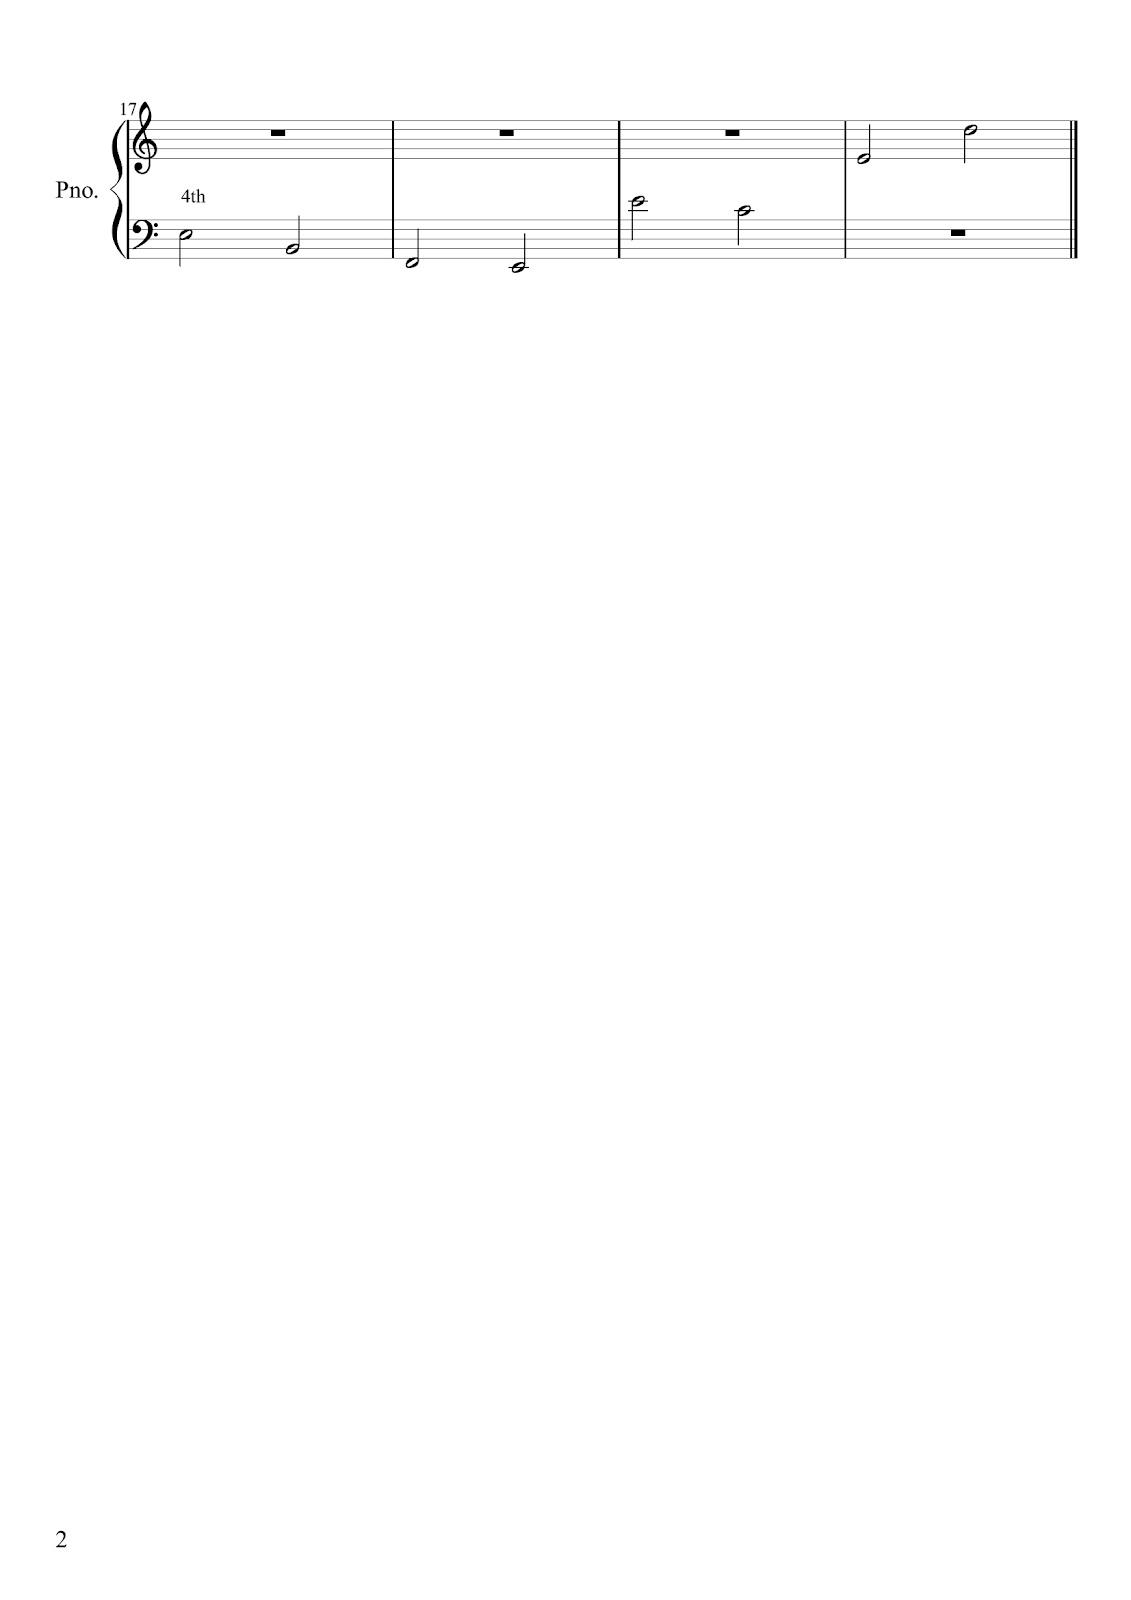 Displaying 19> Images For - Blank Mac Keyboard Worksheet...